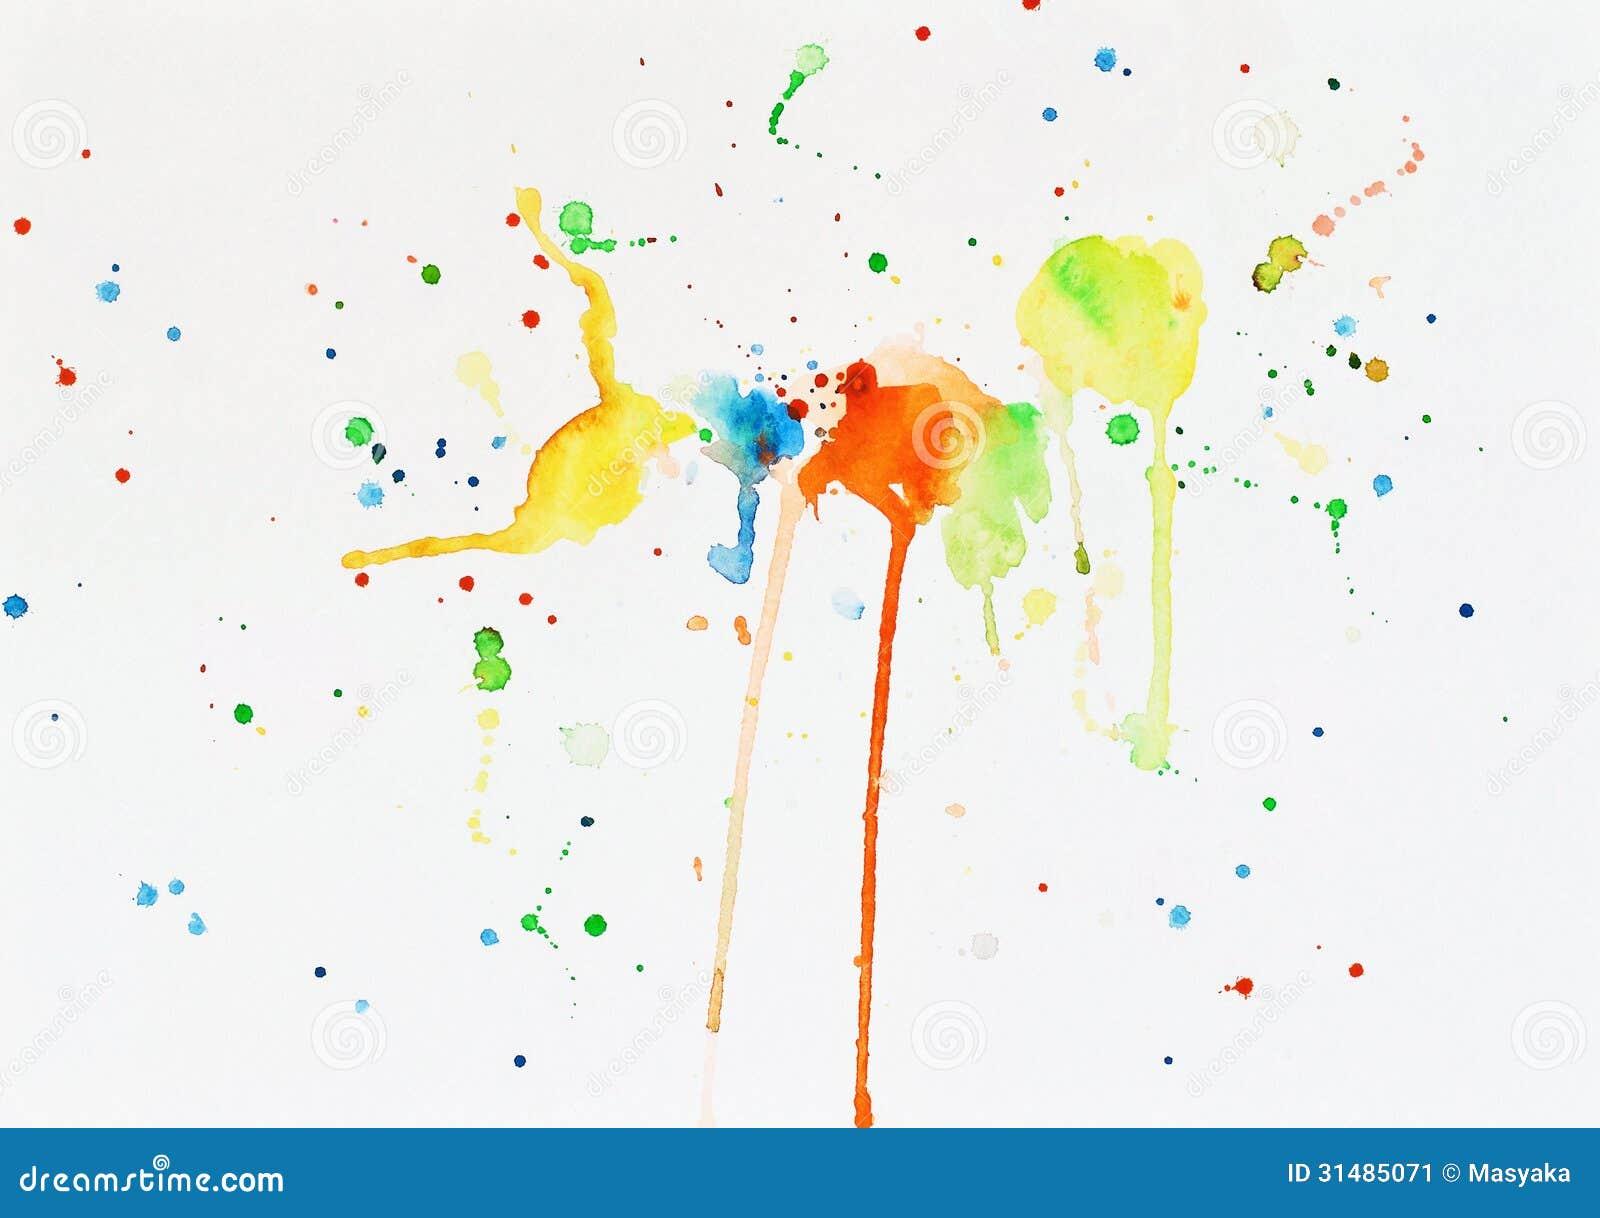 taches de peinture d 39 aquarelle sur un livre blanc image stock image 31485071. Black Bedroom Furniture Sets. Home Design Ideas